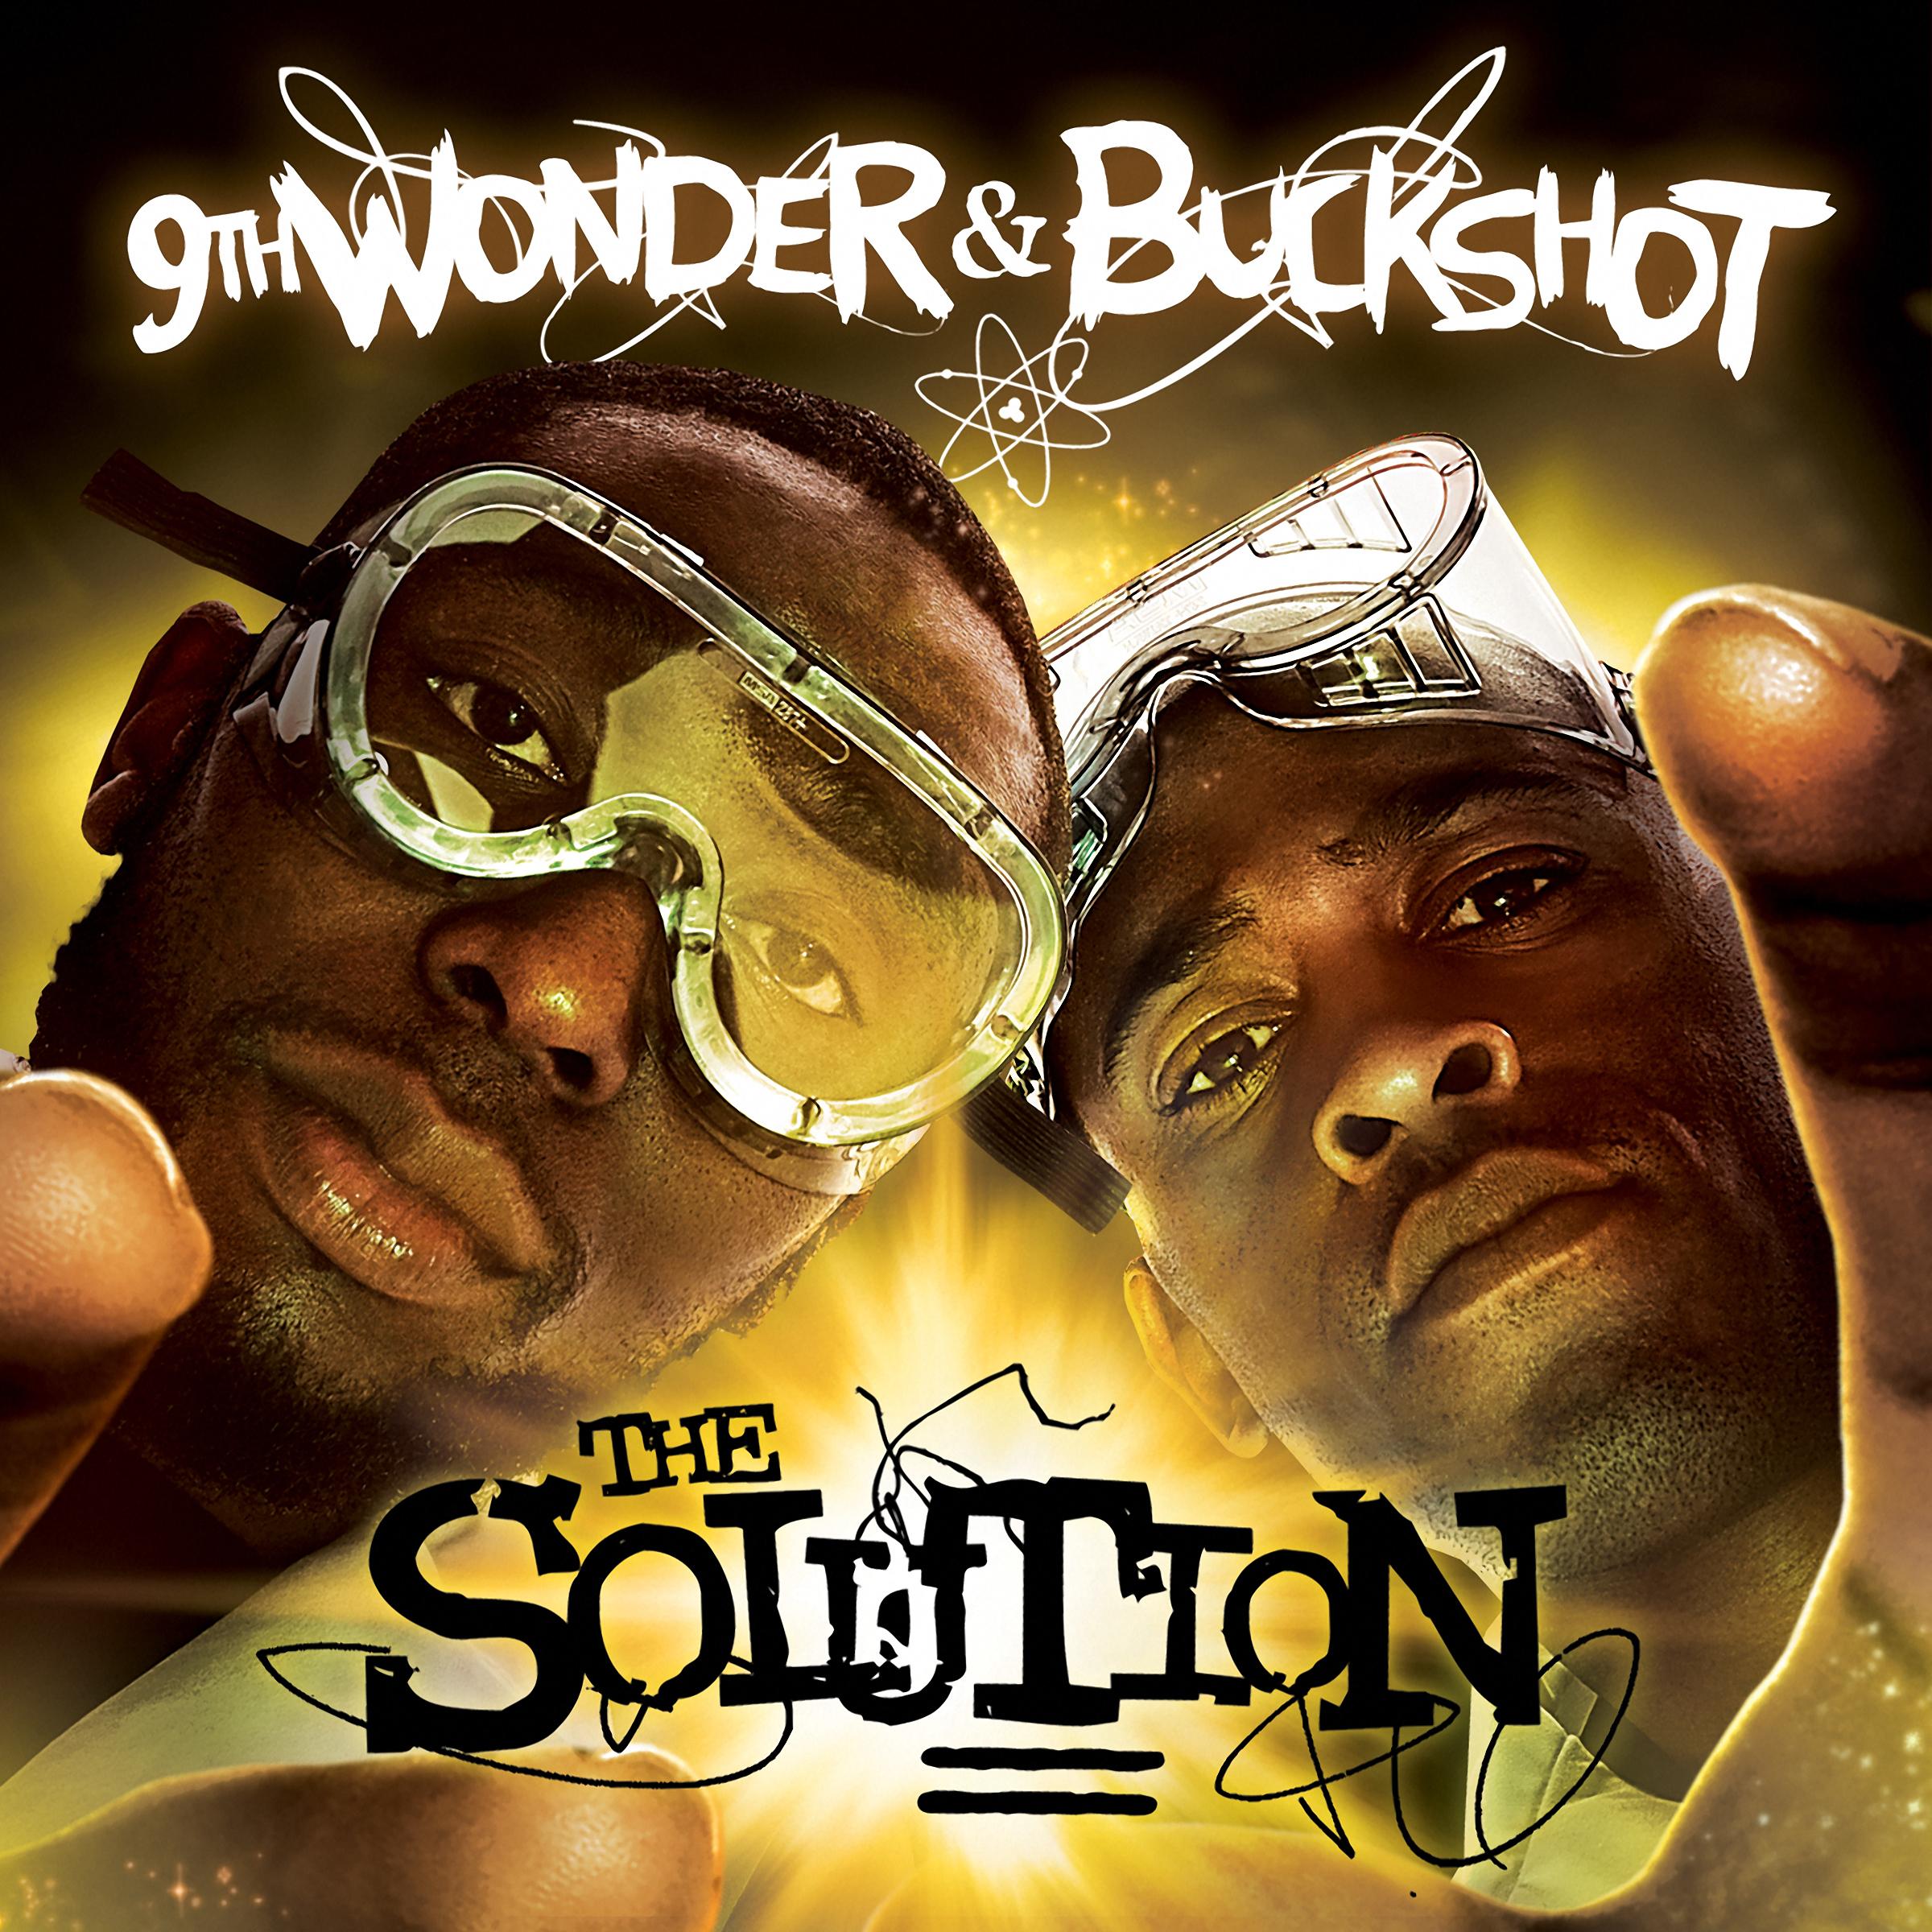 9th Wonder & Buckshot - The Solution (Full Album Stream)